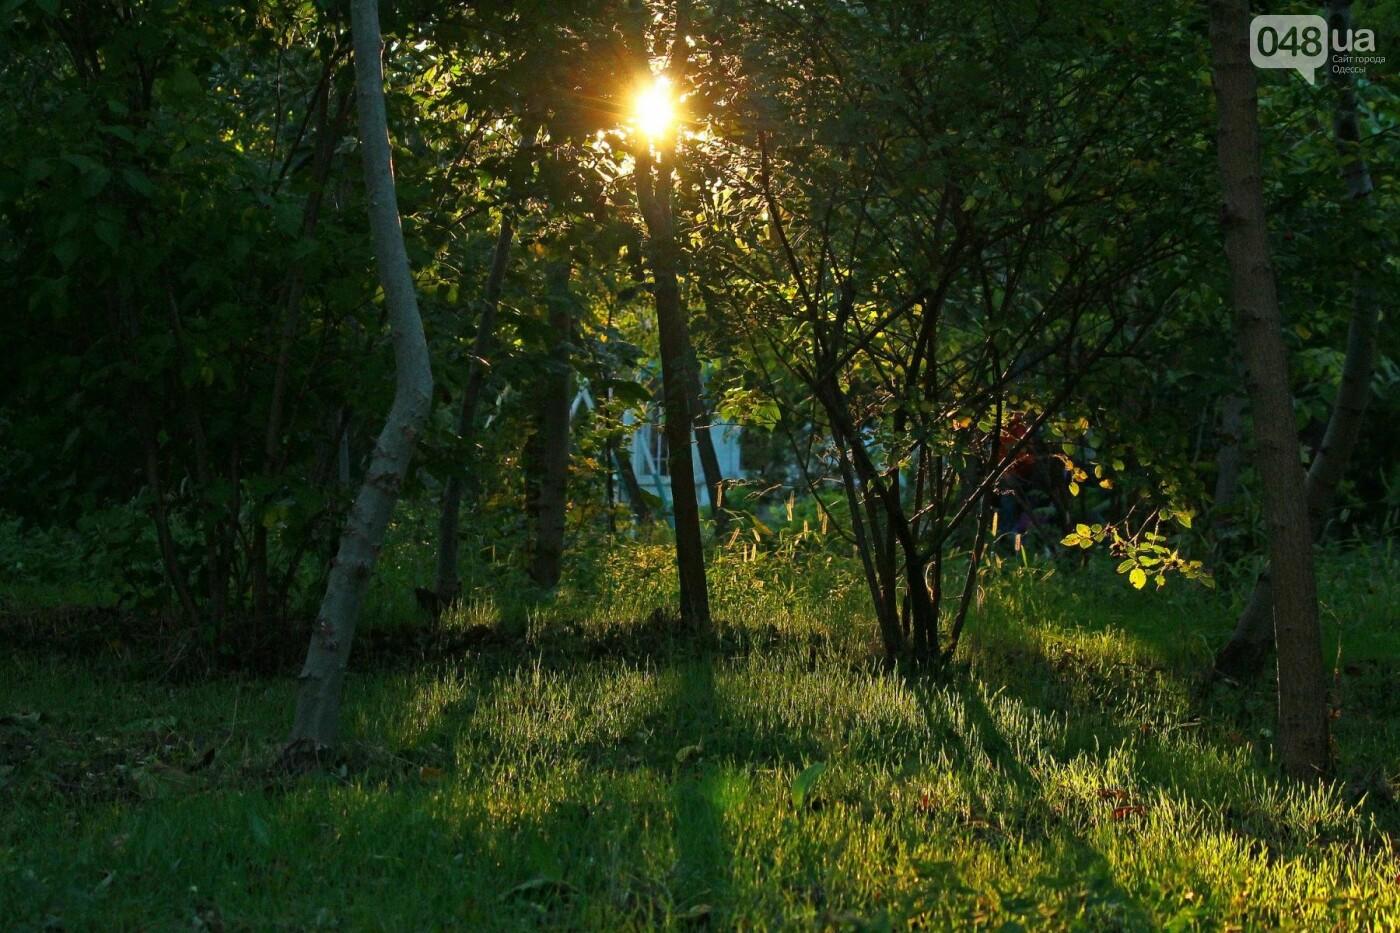 Одесса, которую мы теряем: санаторий им. Чкалова (ФОТОРЕПОРТАЖ), фото-20